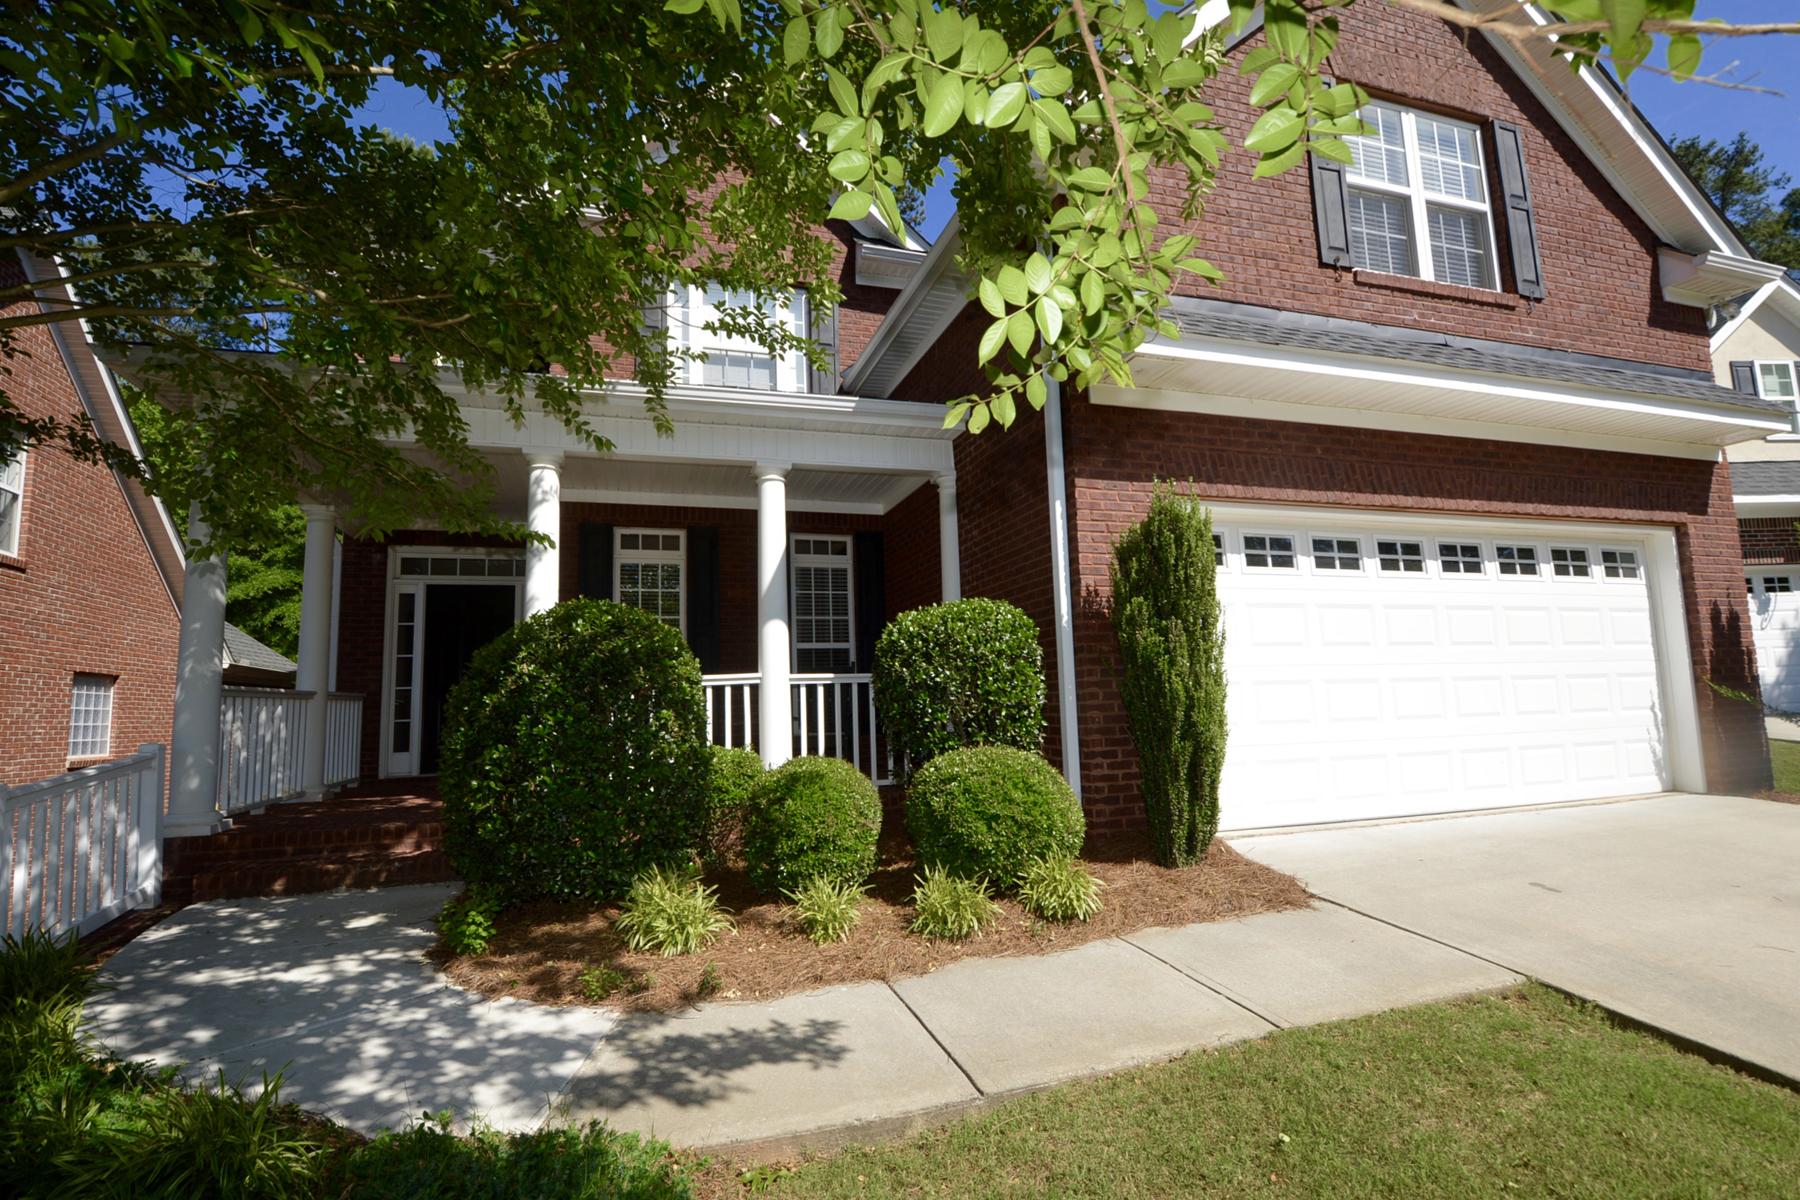 独户住宅 为 销售 在 Beautiful Home In Coveted Ashton Park With Landscape Maintenance Provided By HOA 210 Ashton Park Peachtree City, 乔治亚州, 30269 美国